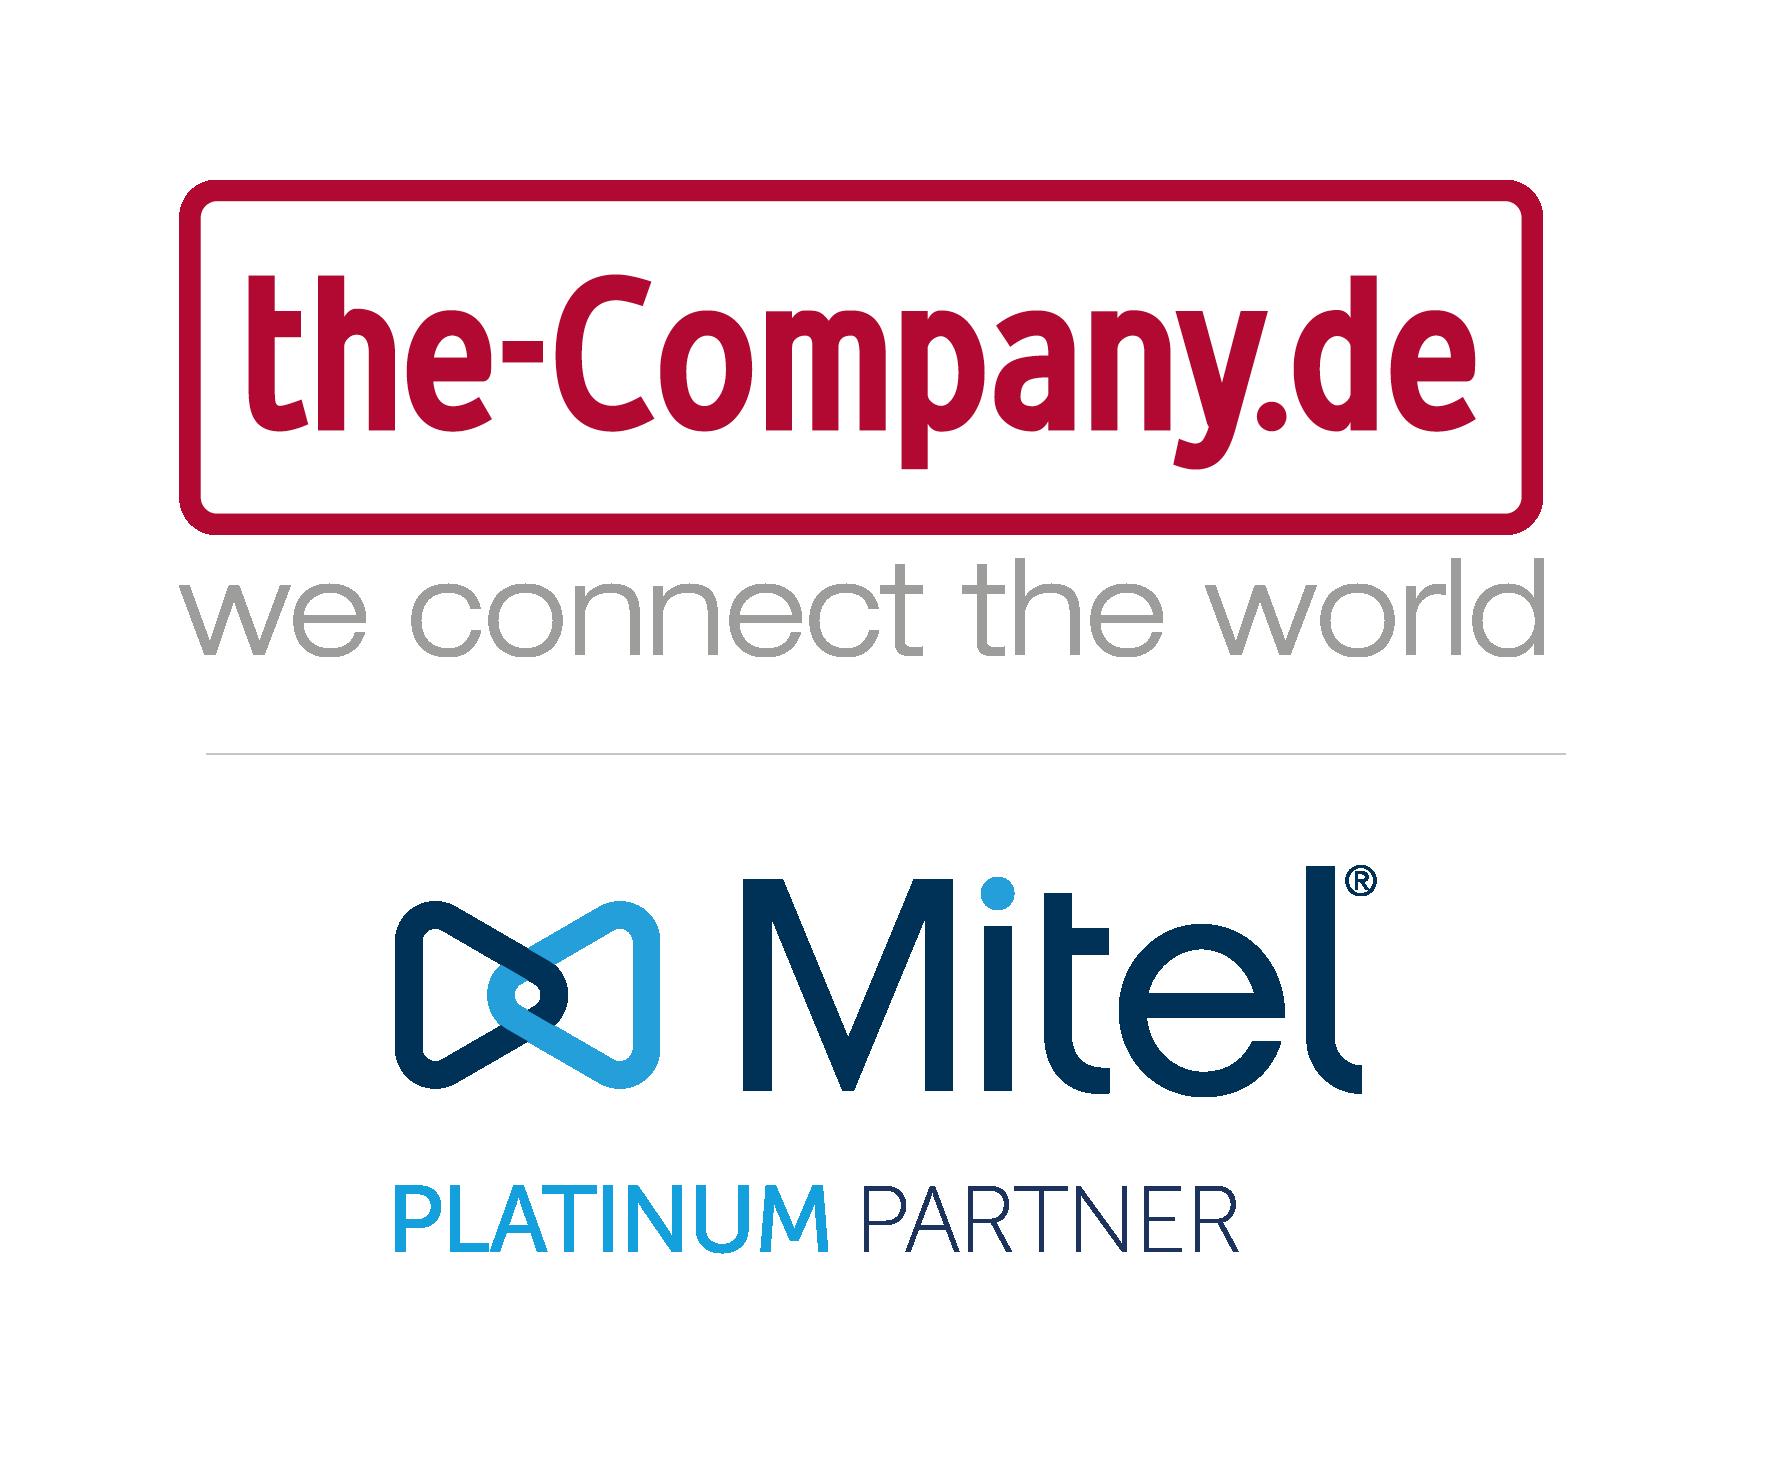 Mitel | the-Company.de